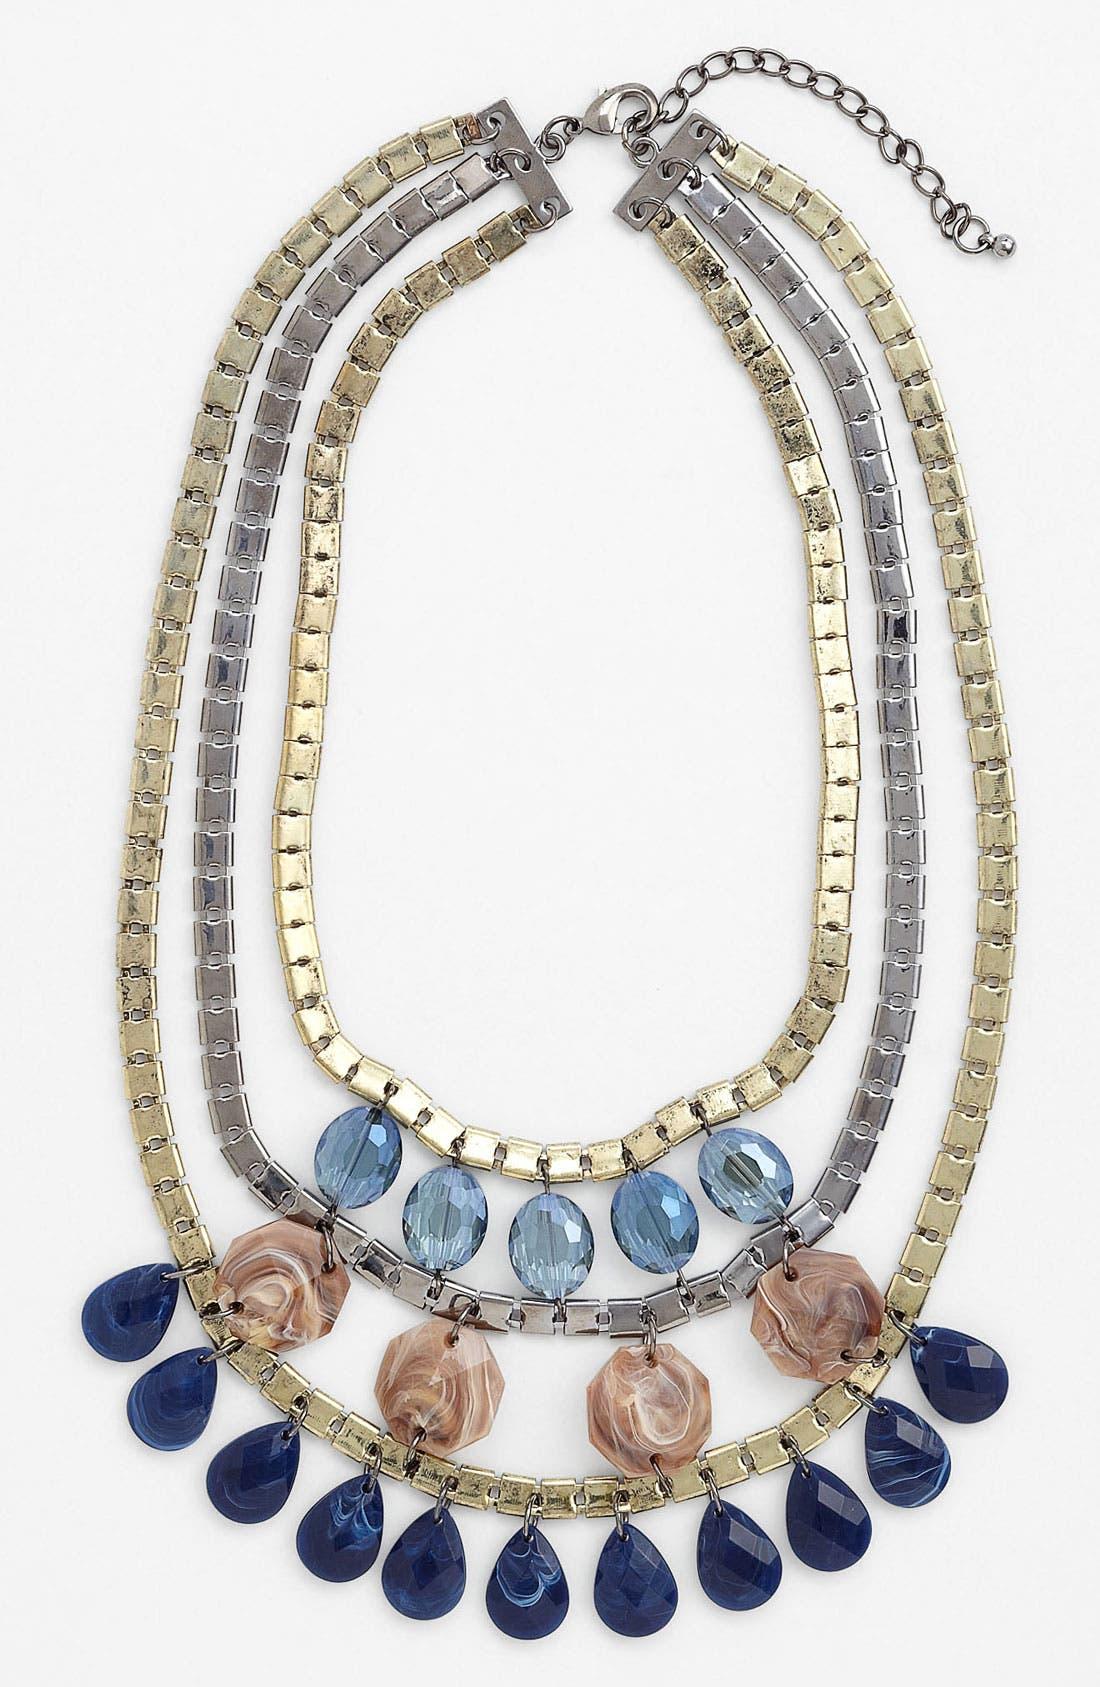 Main Image - Panacea 'Blue Drops' Three Tier Necklace